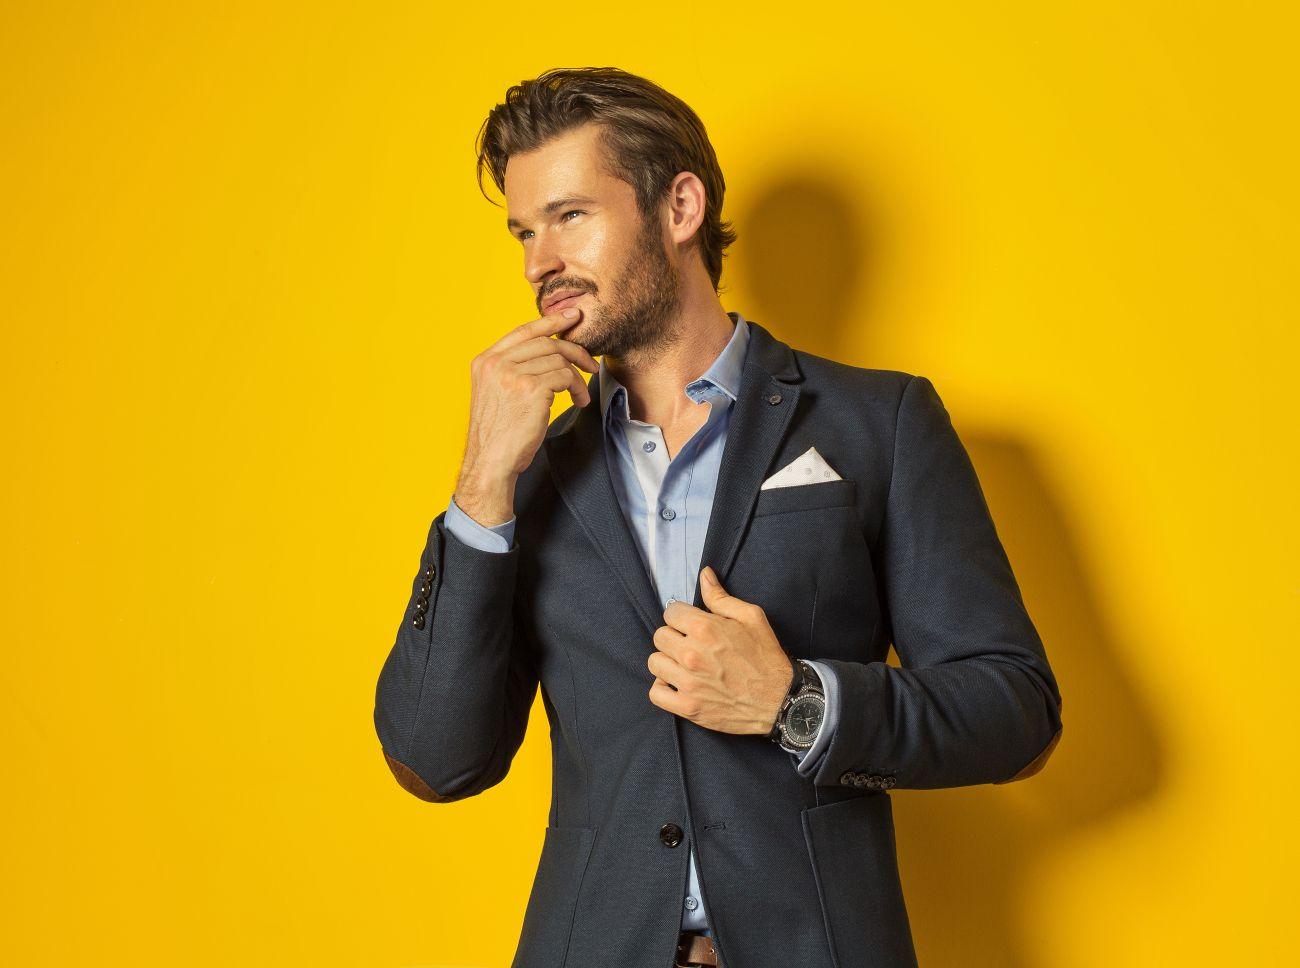 Männermode Trends Frühling 2018